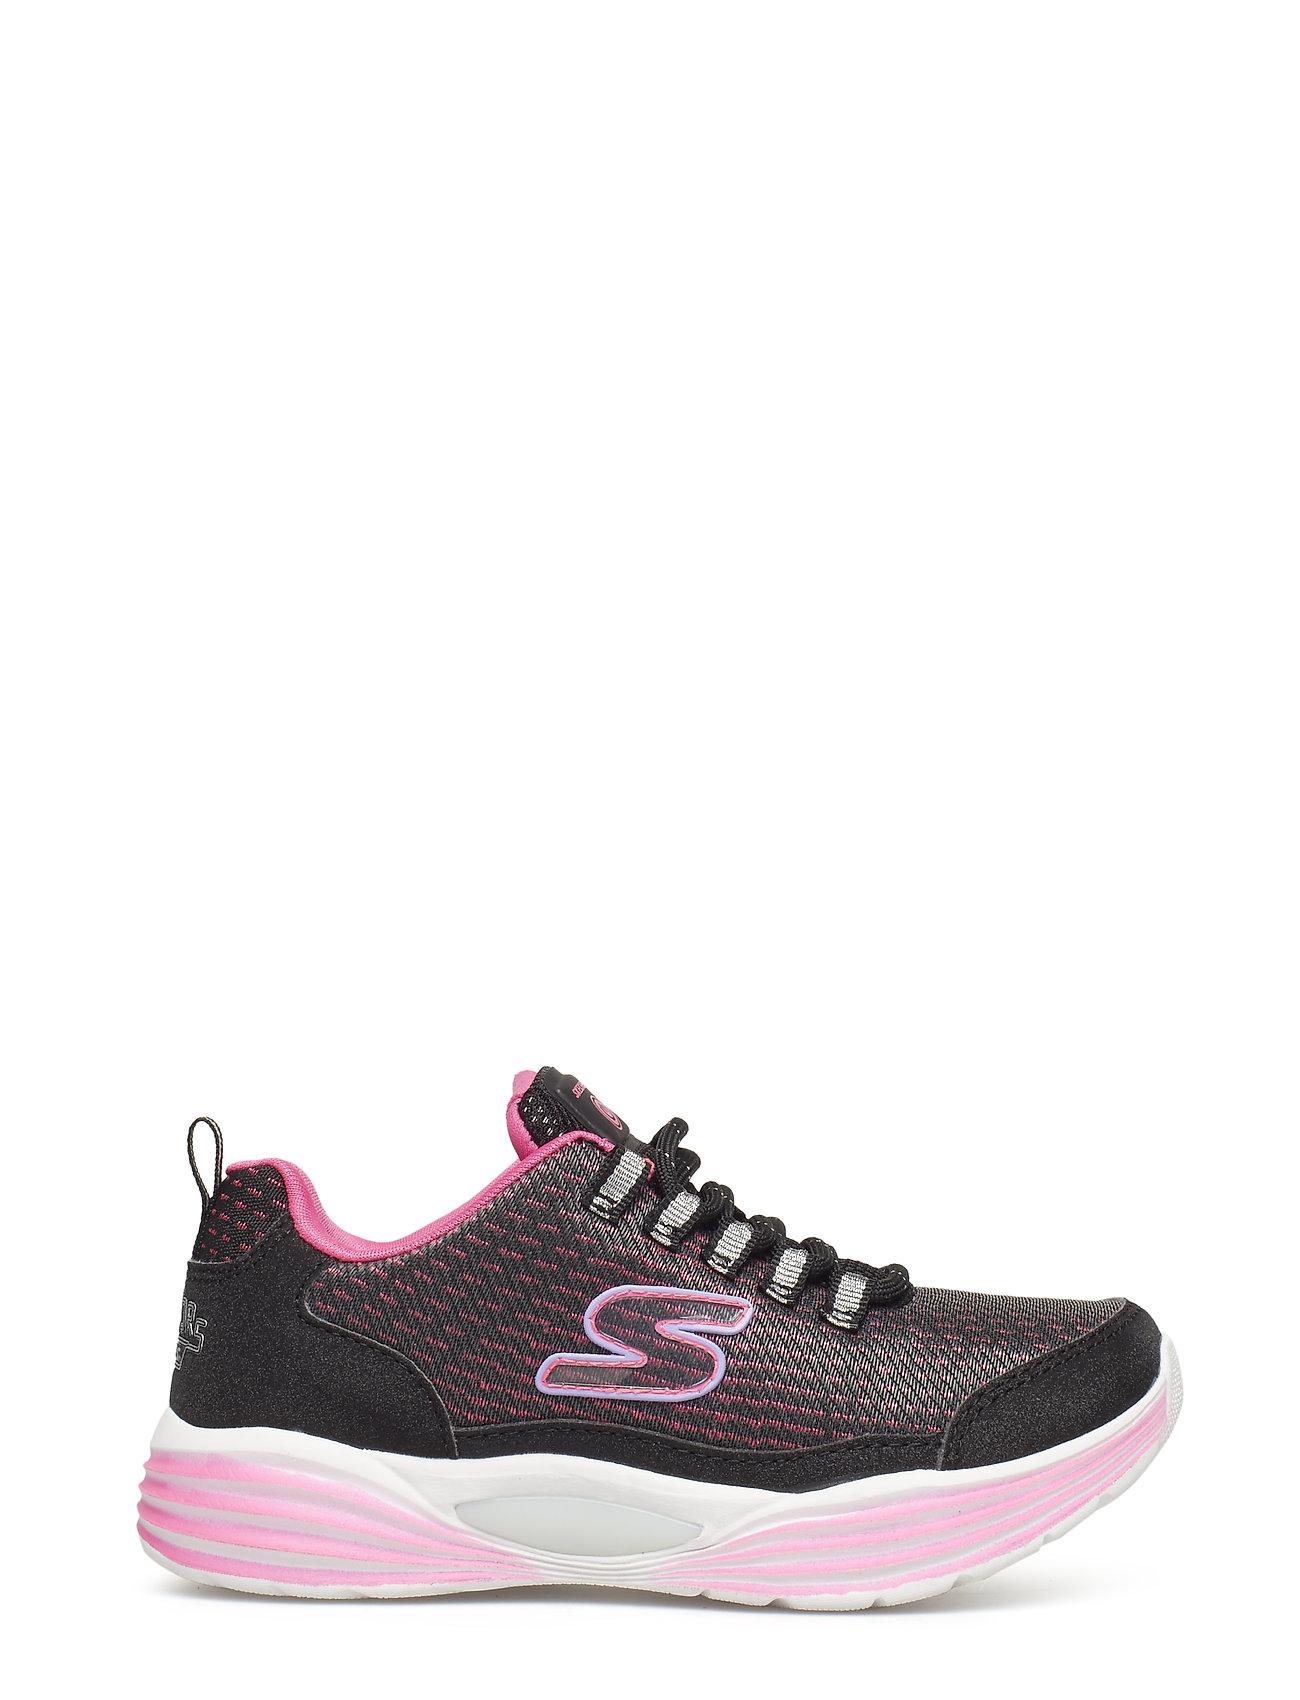 a972d453794 Girls Hidden Lights sneakers fra Skechers til børn i BKPK BLACK PINK ...